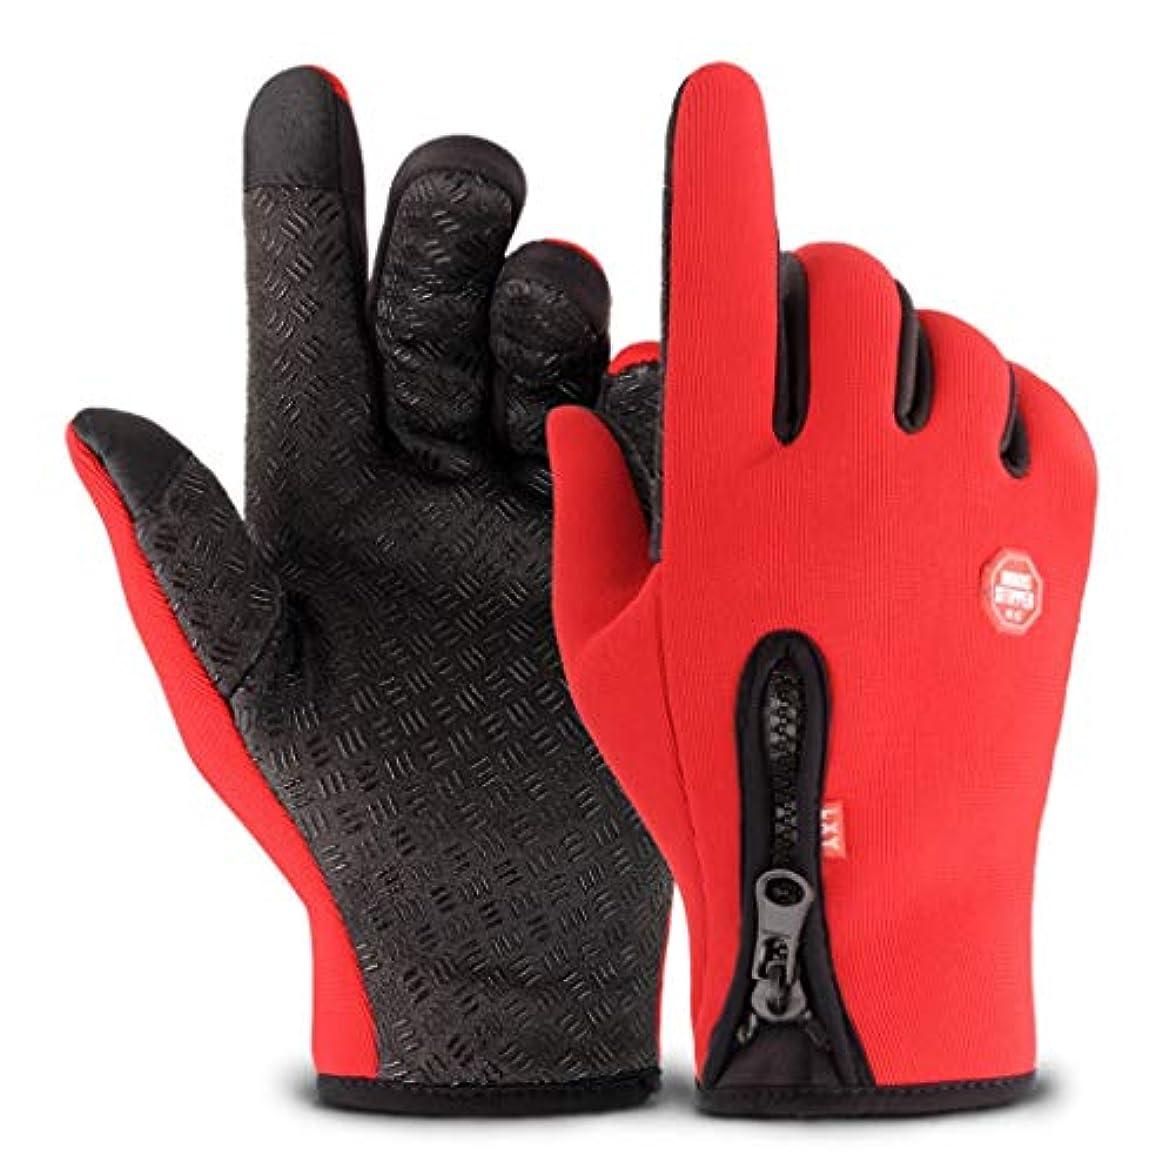 憤る七面鳥マスク手袋の男性の秋と冬の自転車電動バイクの女性のタッチスクリーンは、すべてwindproofノンスリップ暖かいと冷たいプラスベルベット弾性手袋ワンサイズ赤